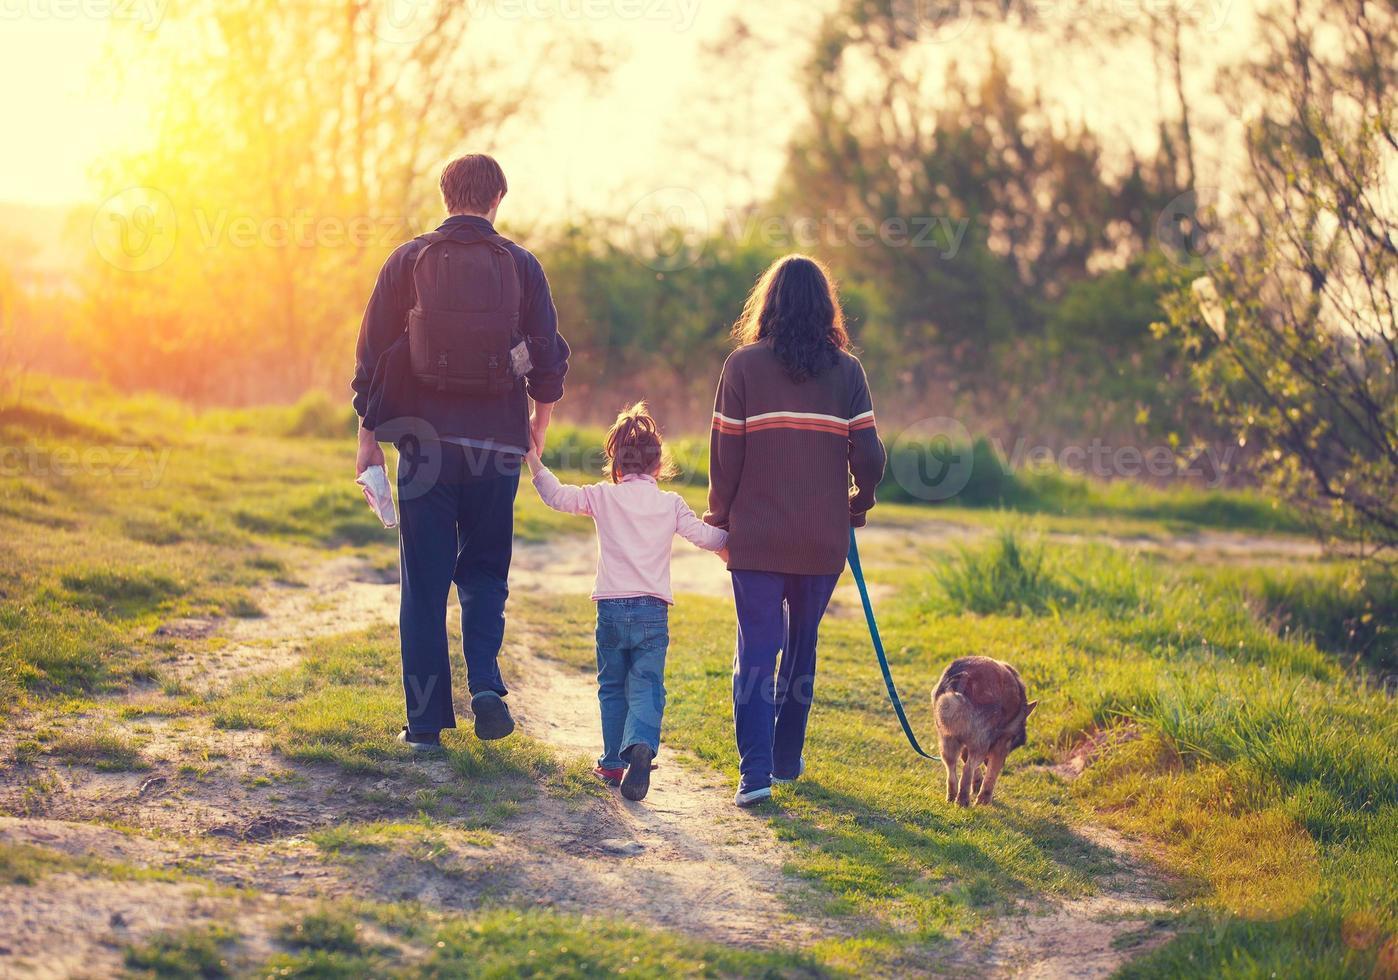 Familie mit Hund spazieren foto